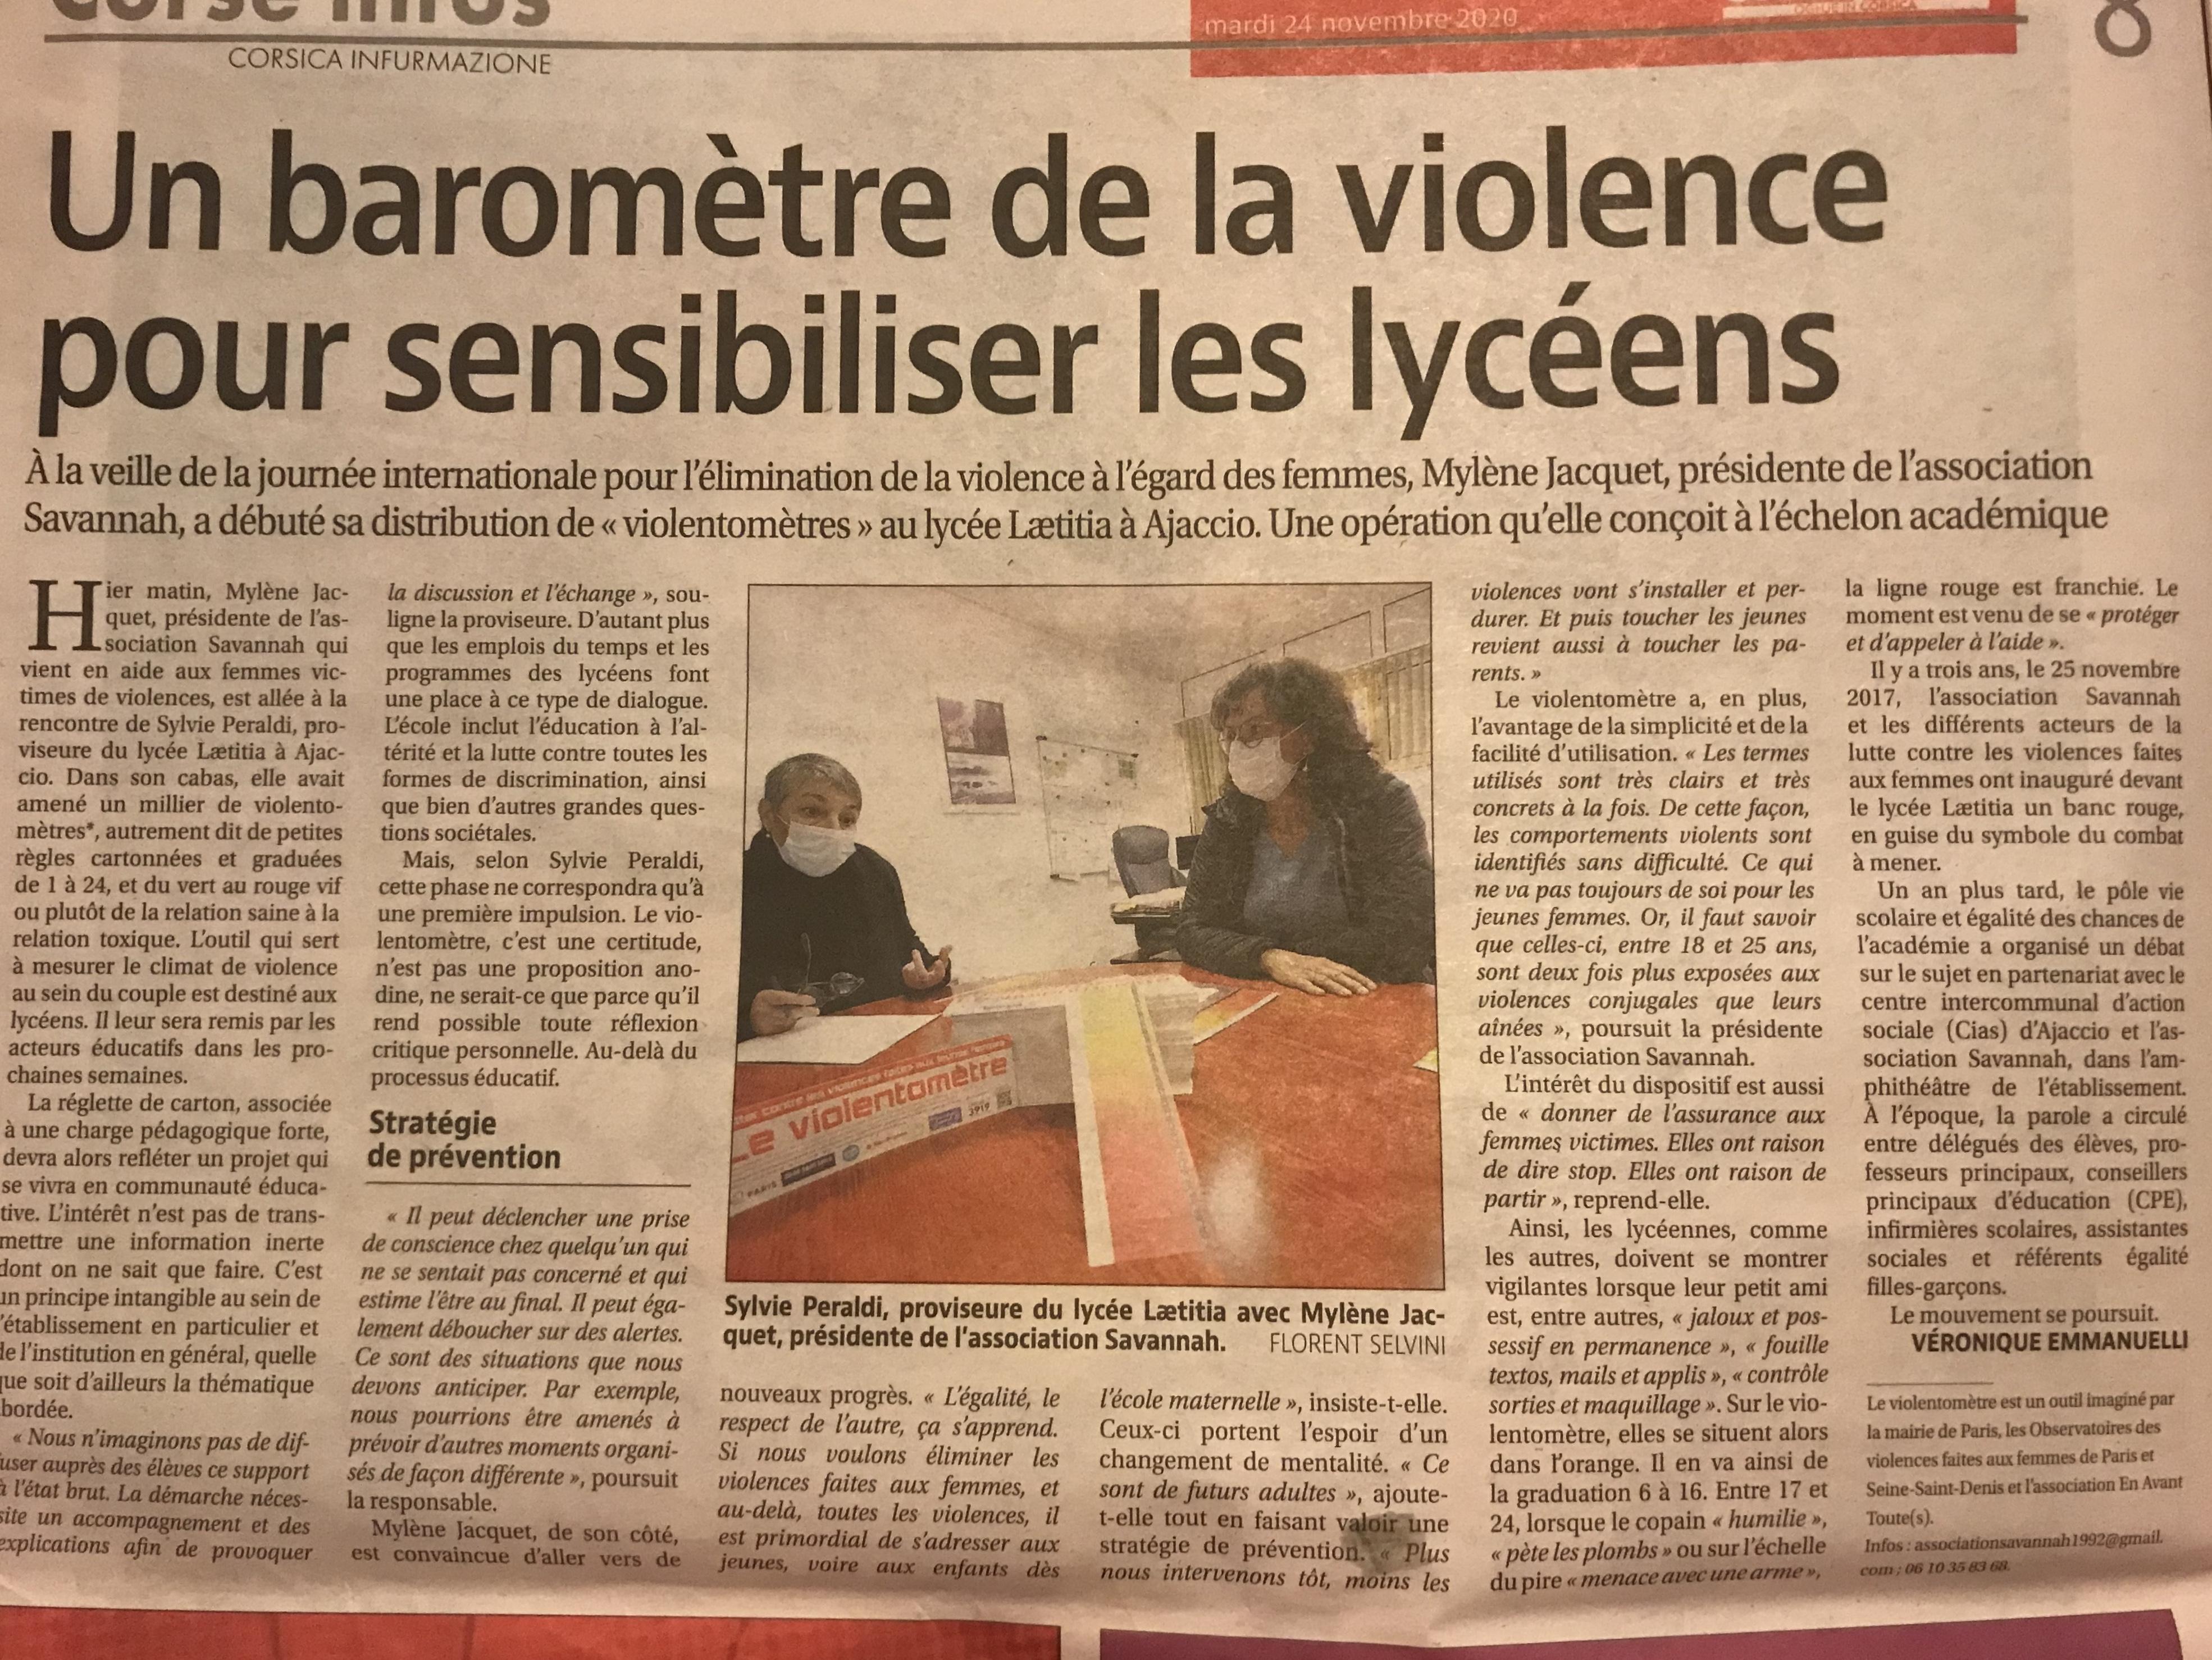 VIOLENTOMETRE : campagne de distribution dans les lycées de Corse …